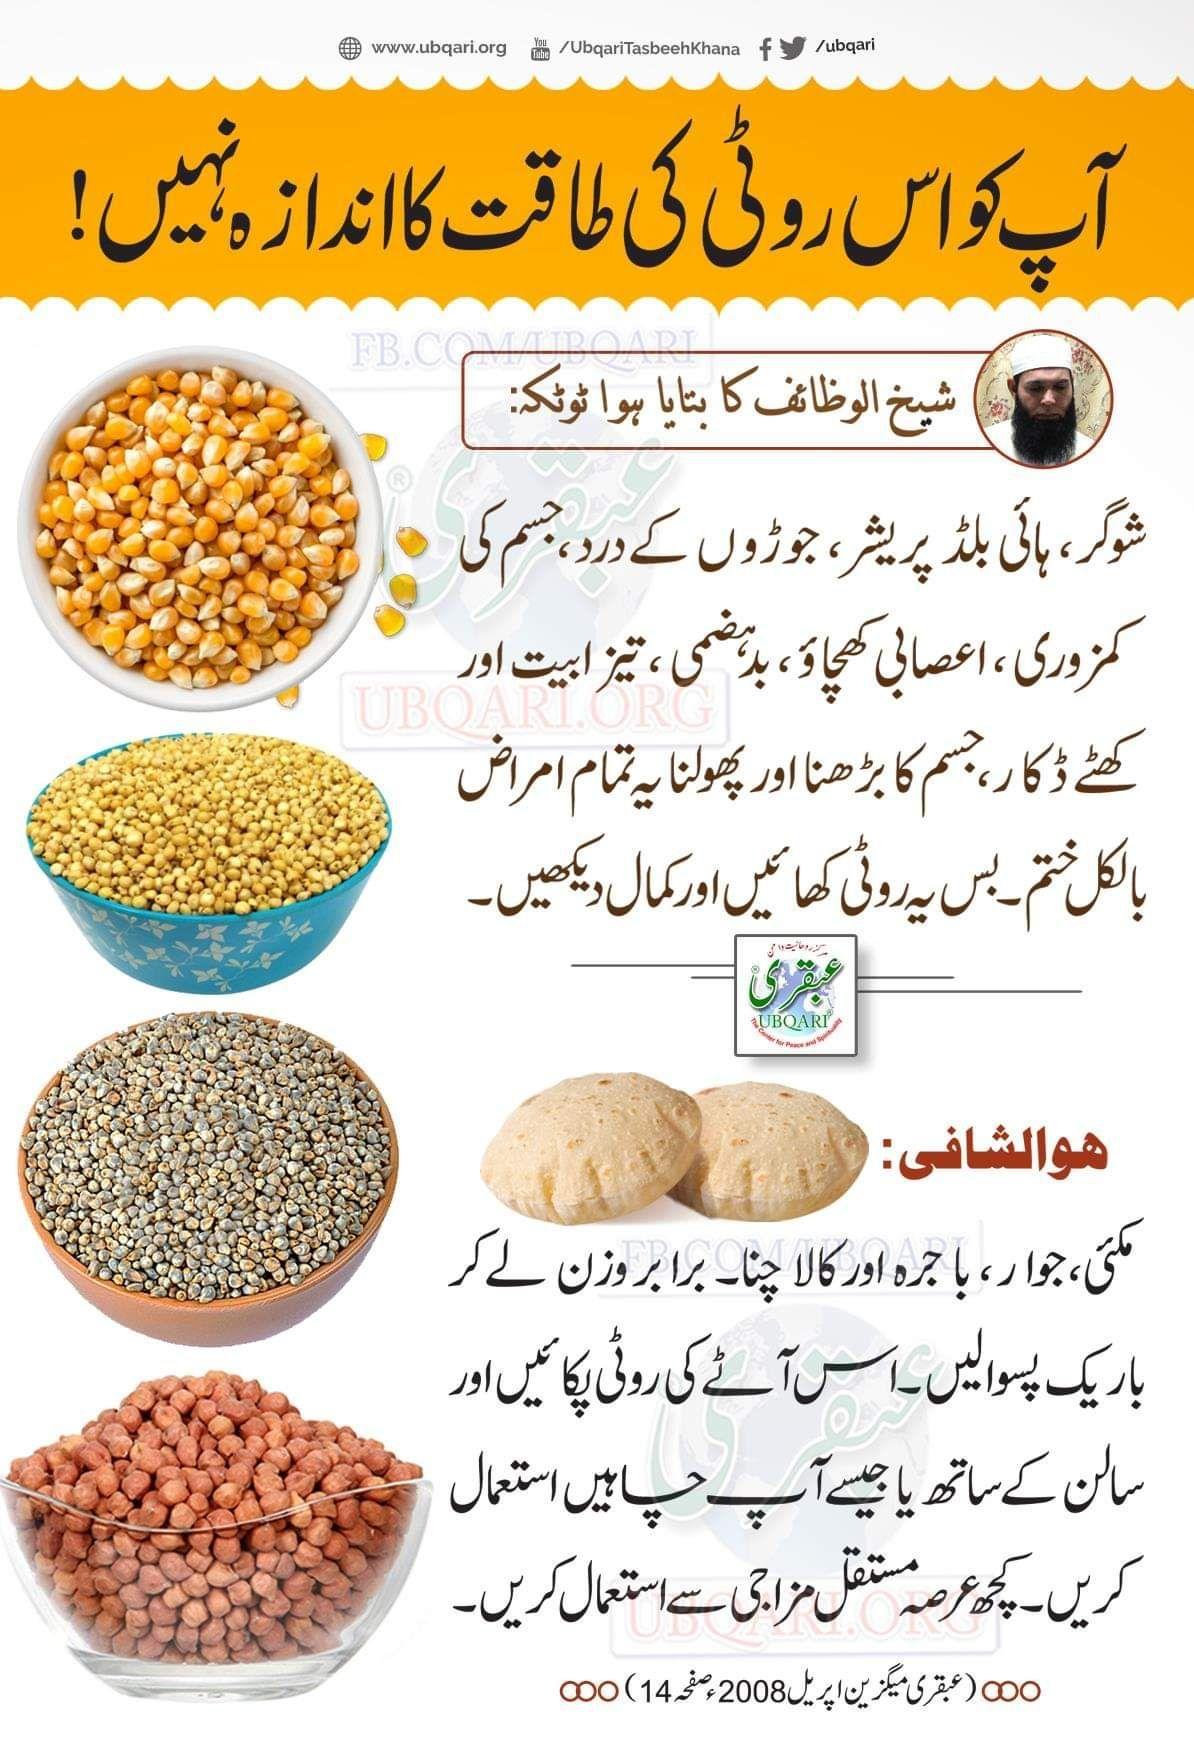 ubqari tippek a fogyáshoz)